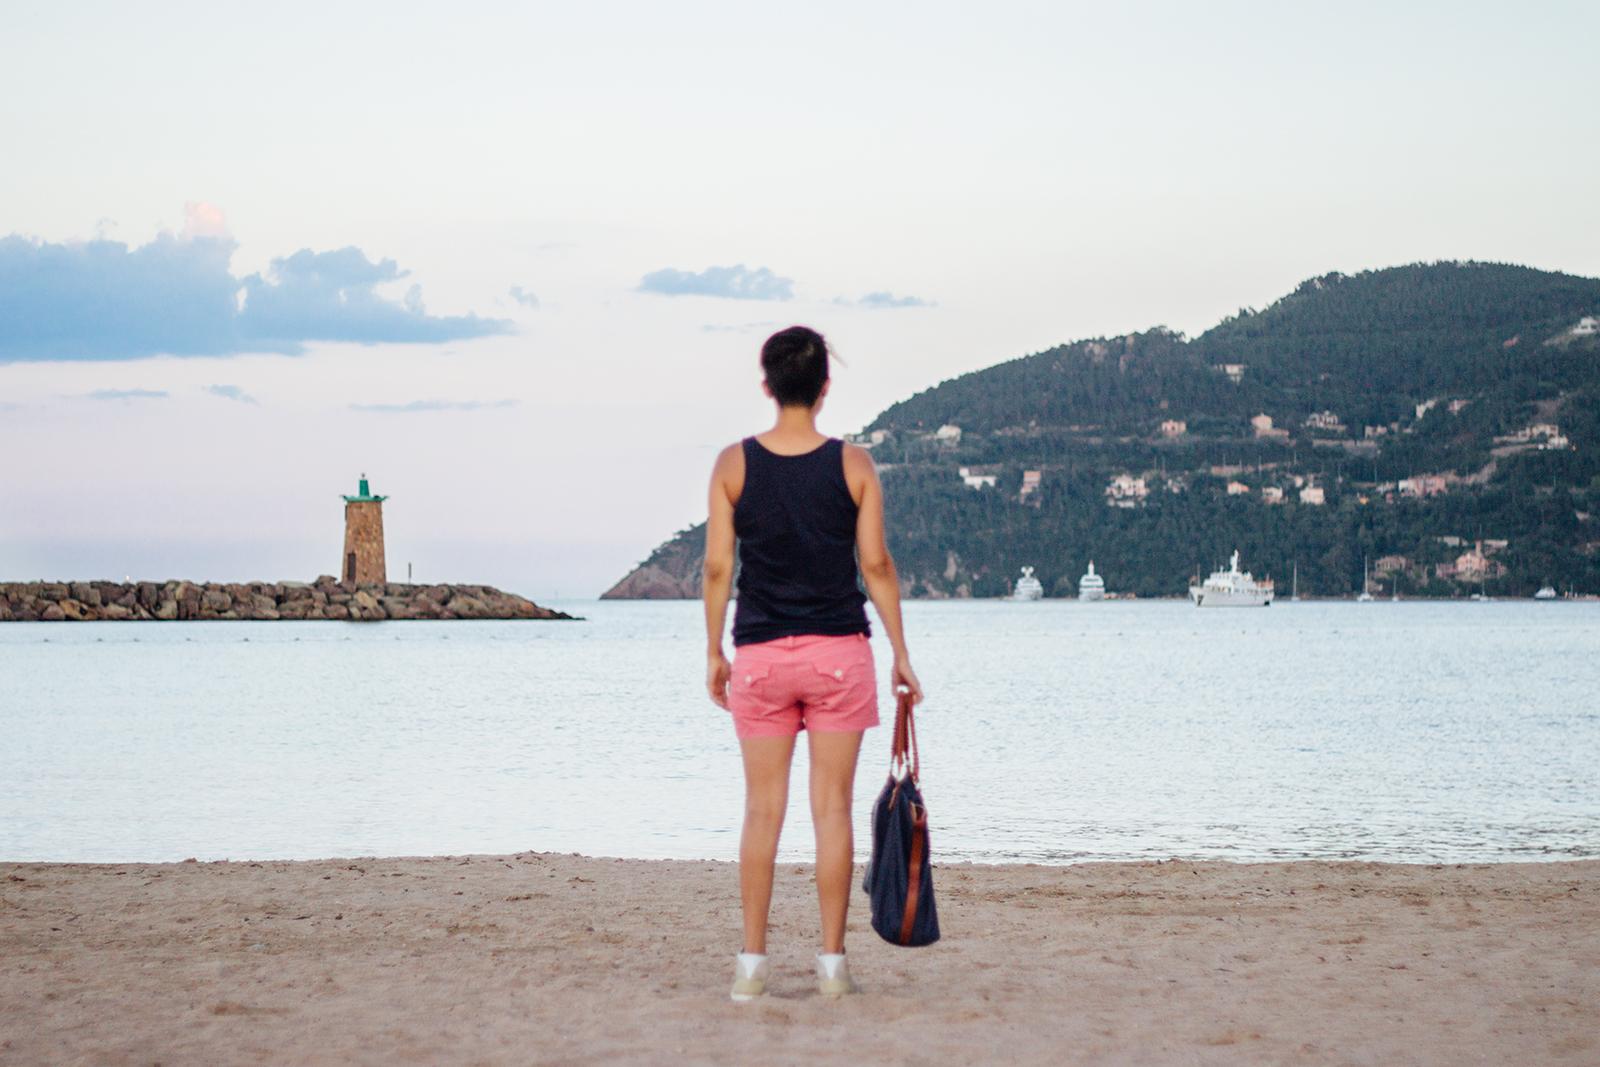 Mini séance photo à la plage un soir d'été